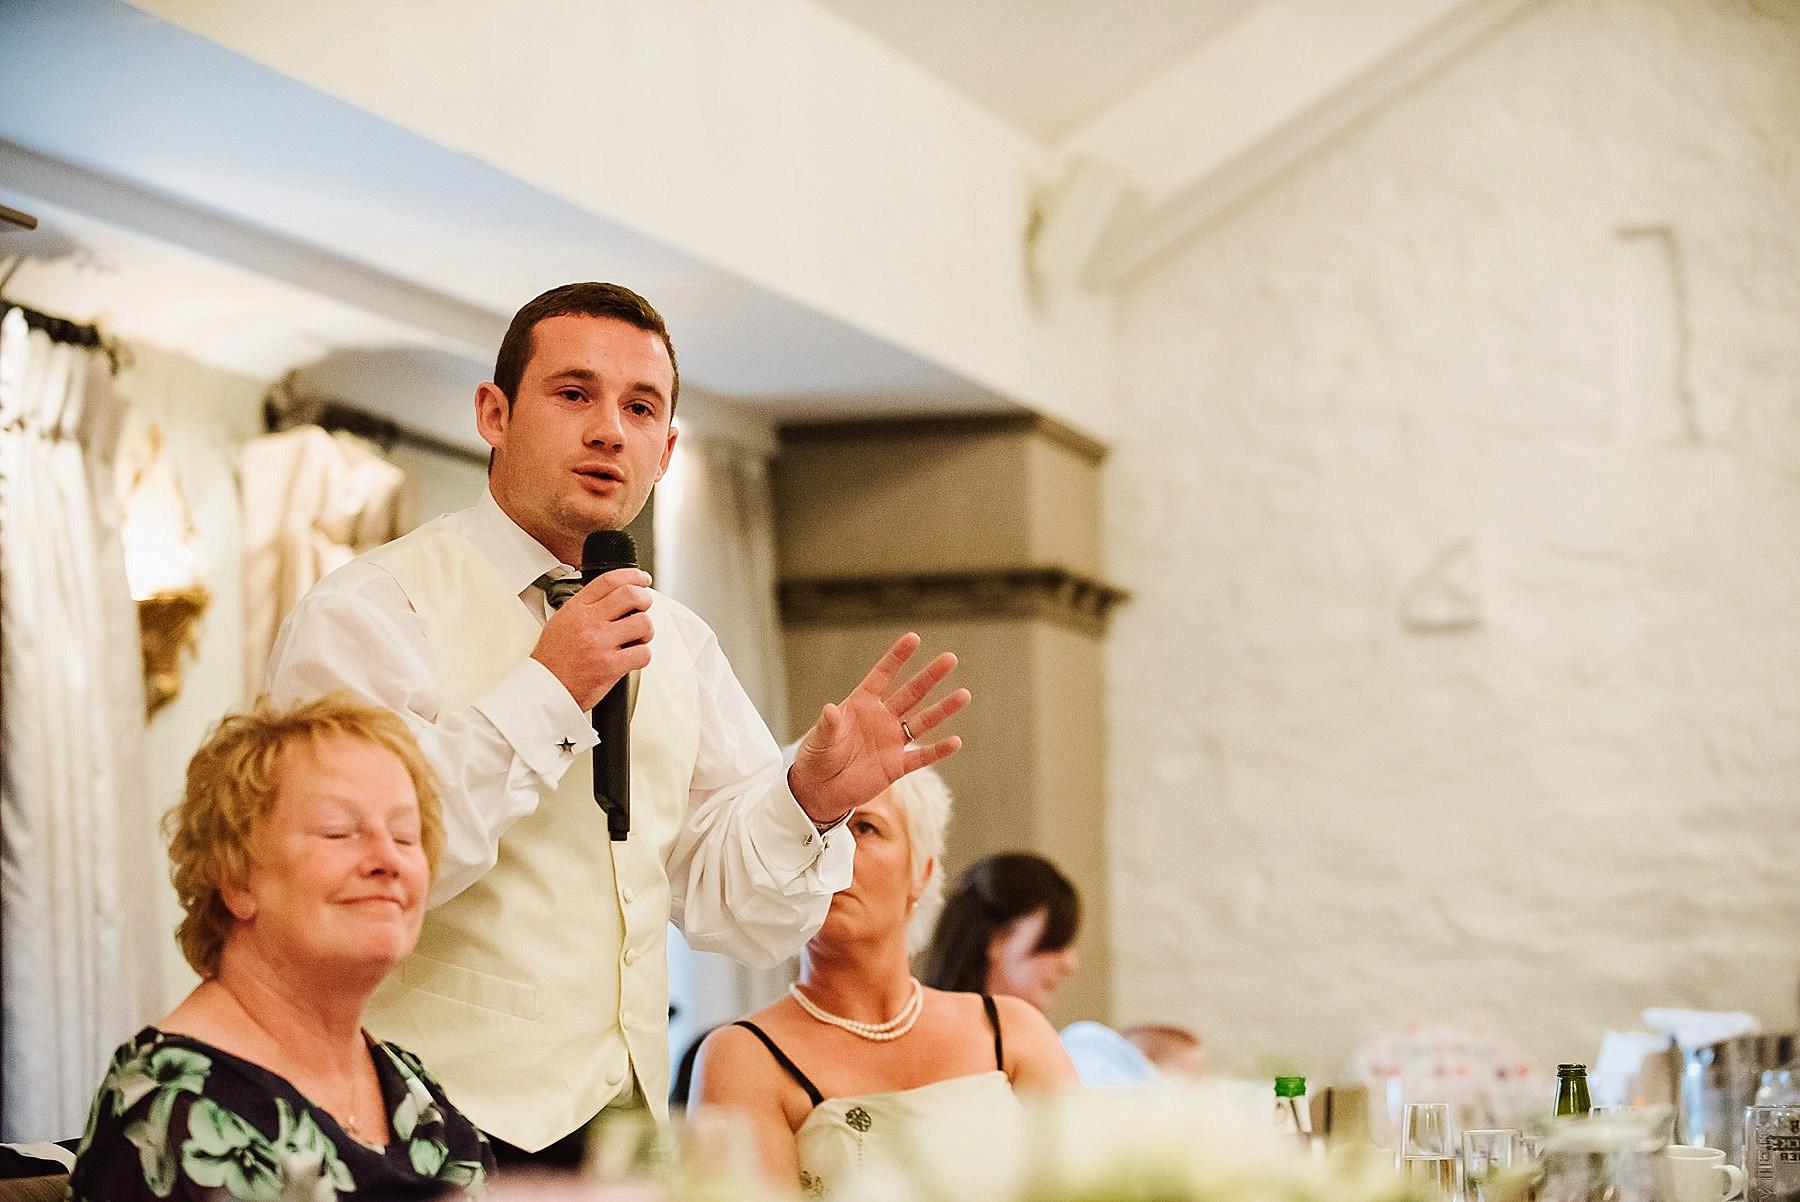 the best man doing his speech